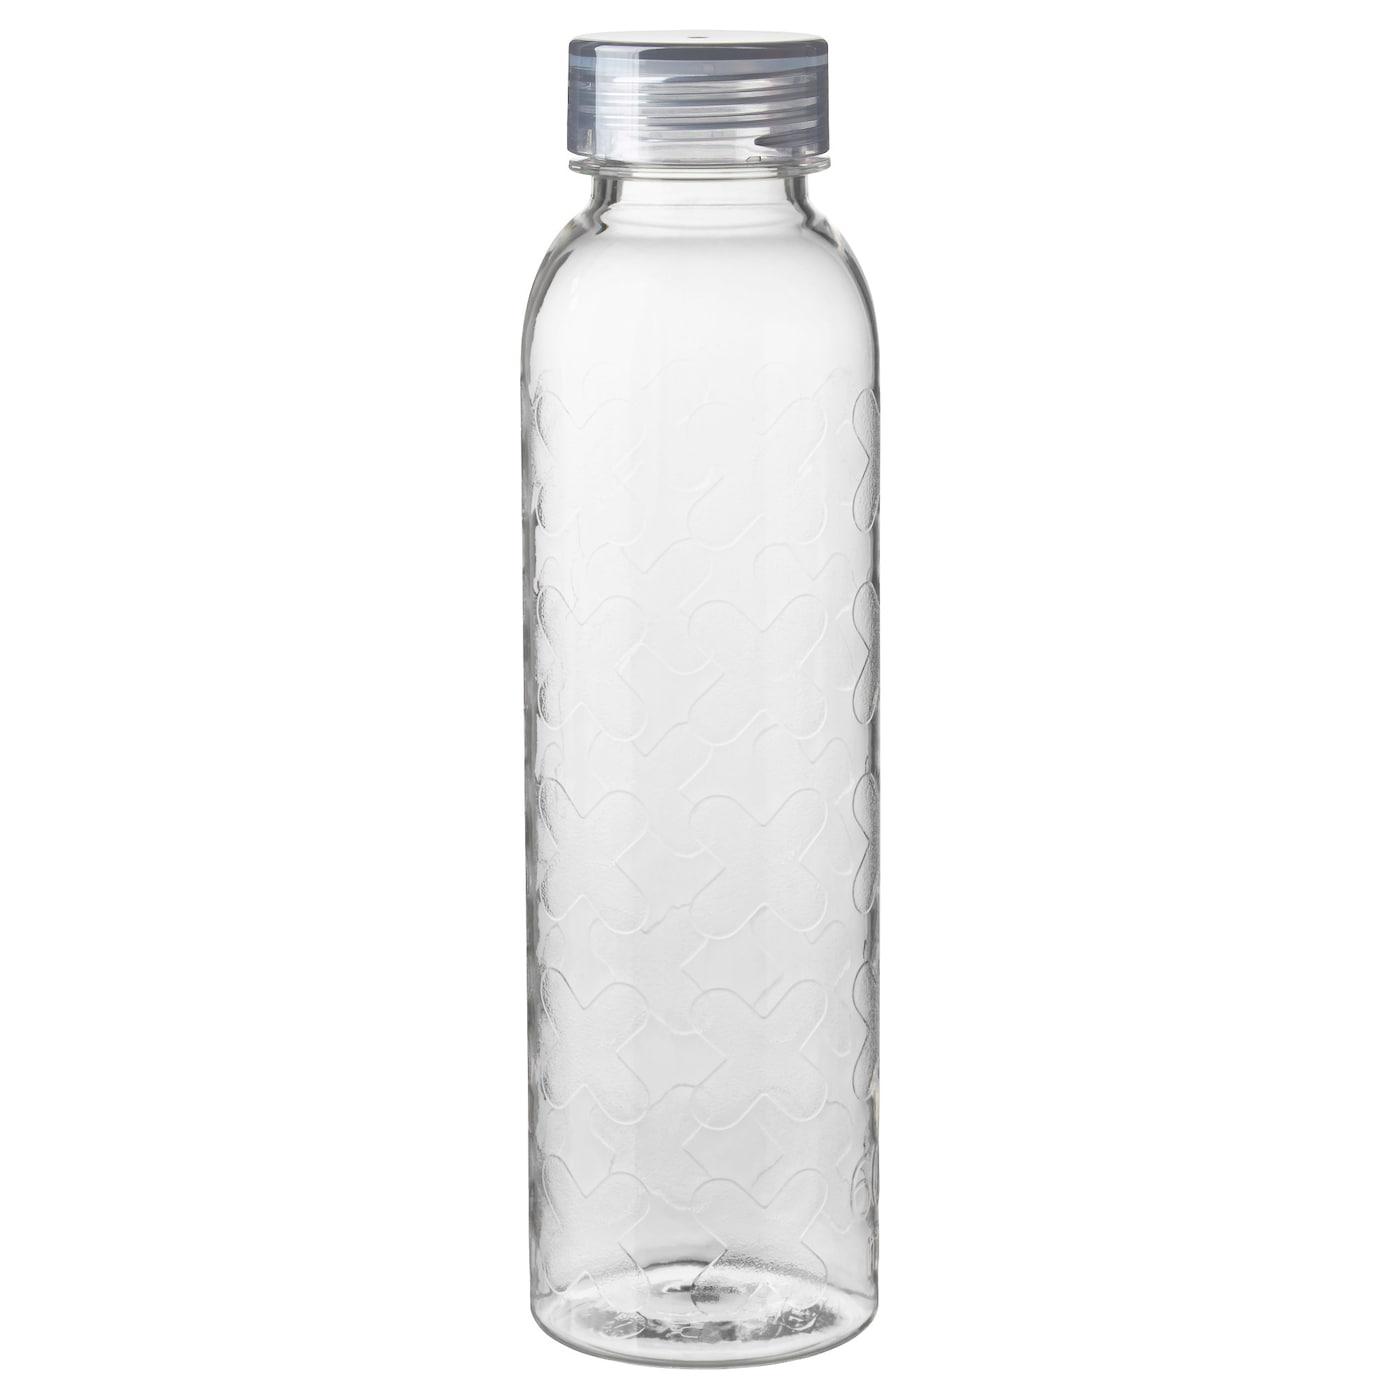 Beh llare bouteille eau transparent gris 0 6 l ikea for Botellas de cristal ikea